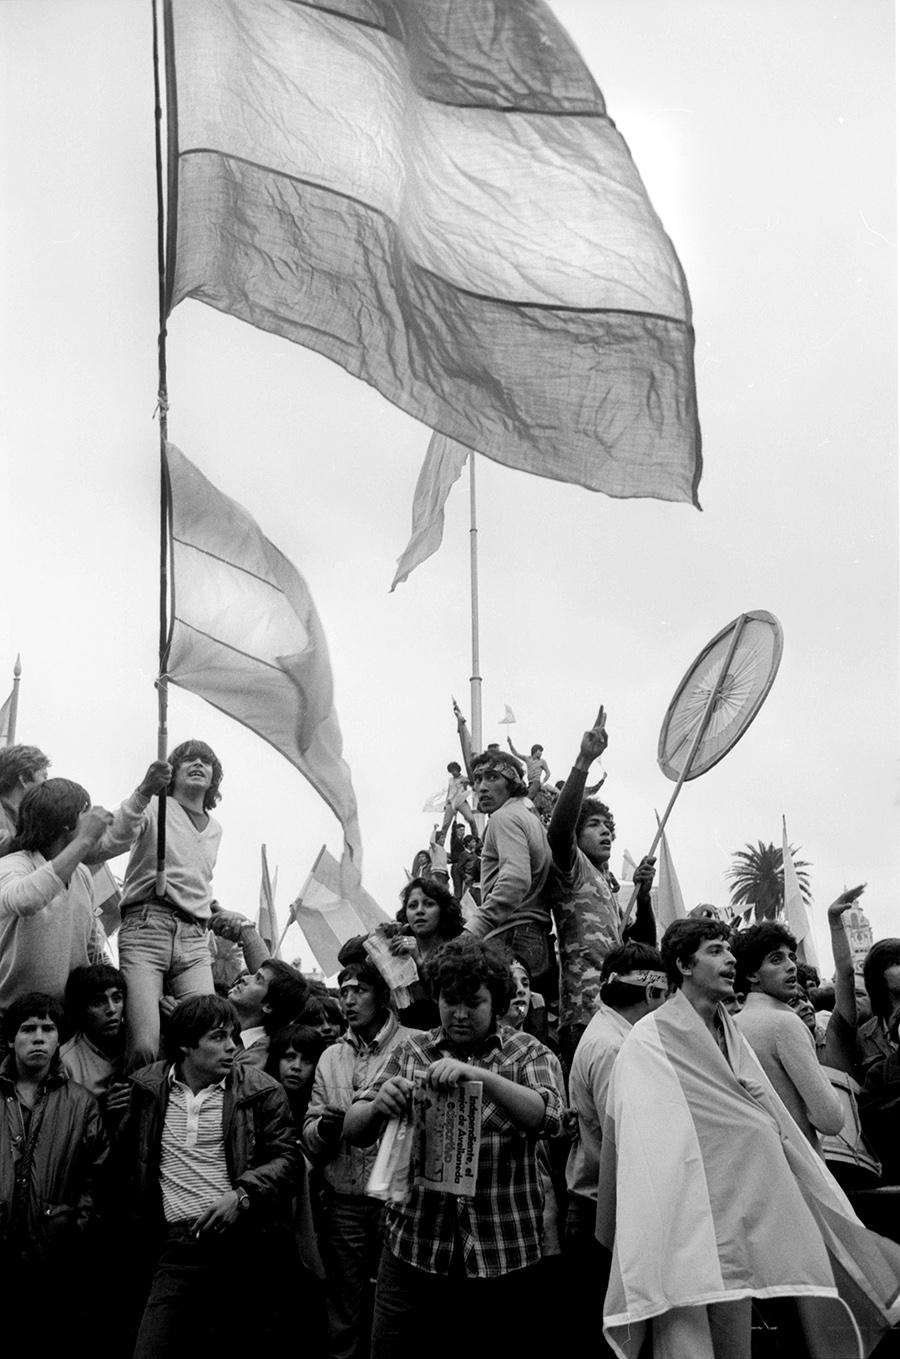 Demonstration during Malvinas War